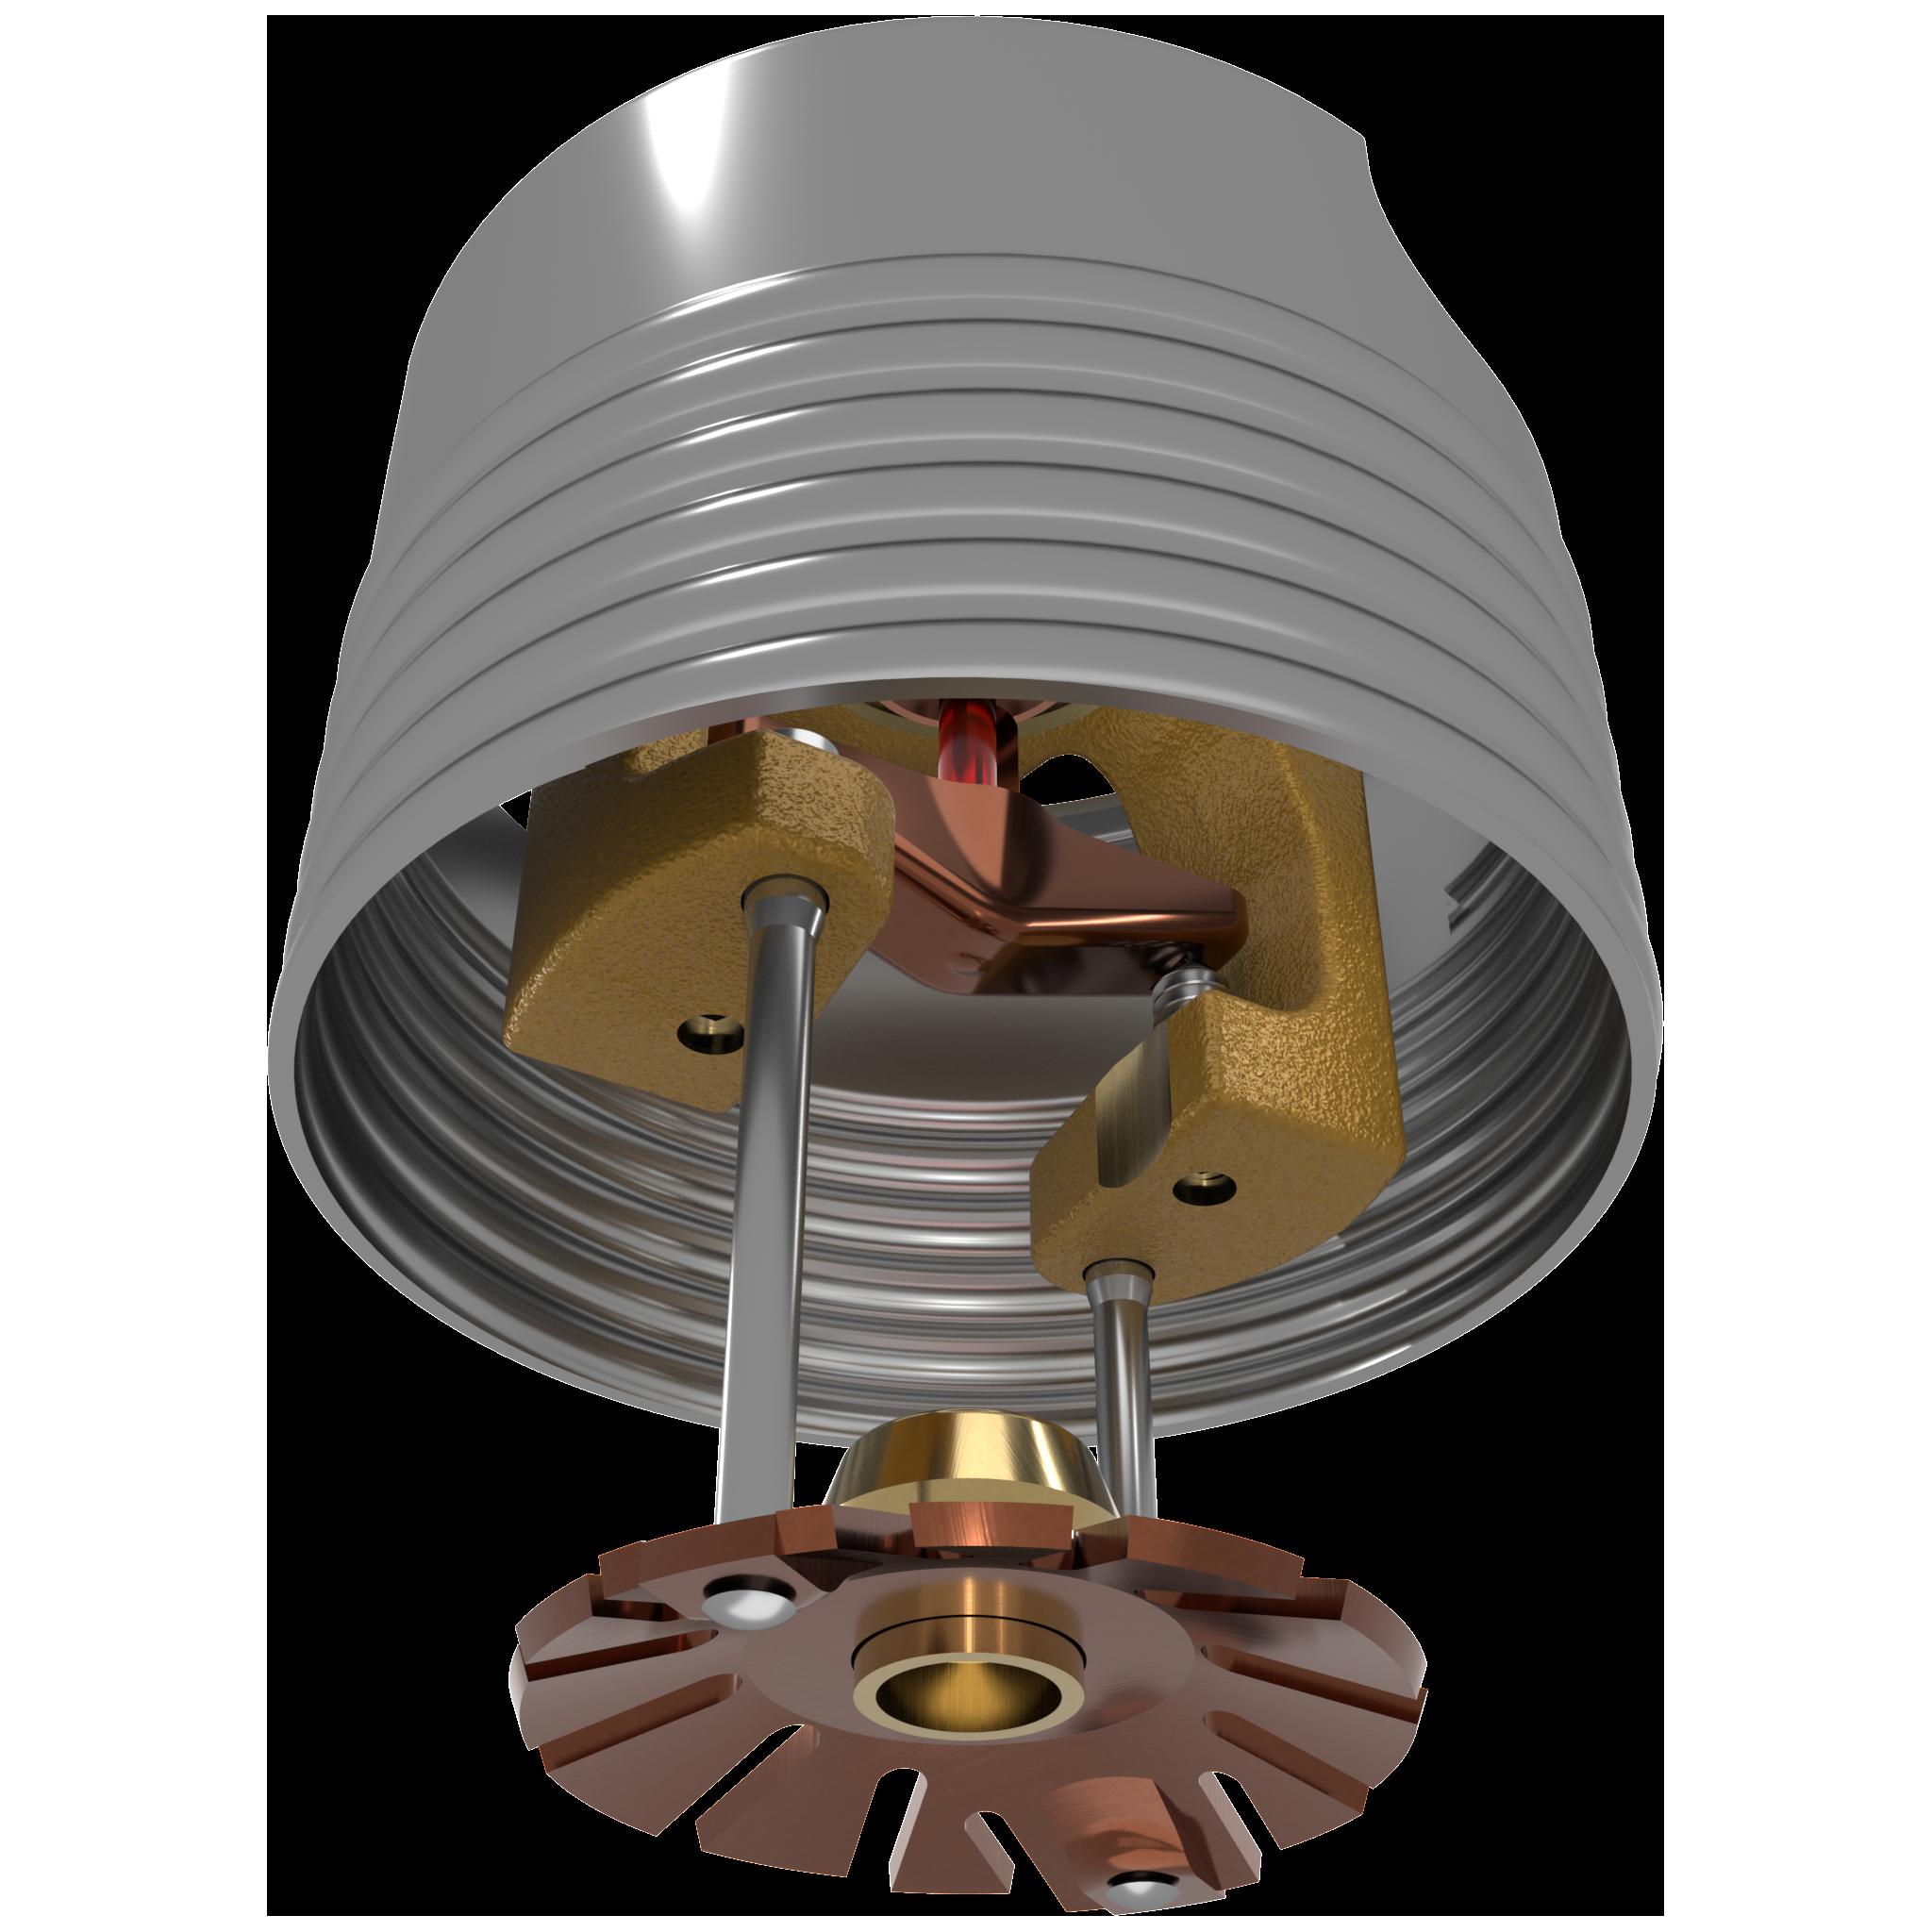 VK462, VK463 HP - Mirage® Standard/Quick Response Concealed Pendent Sprinkler (K5.6)